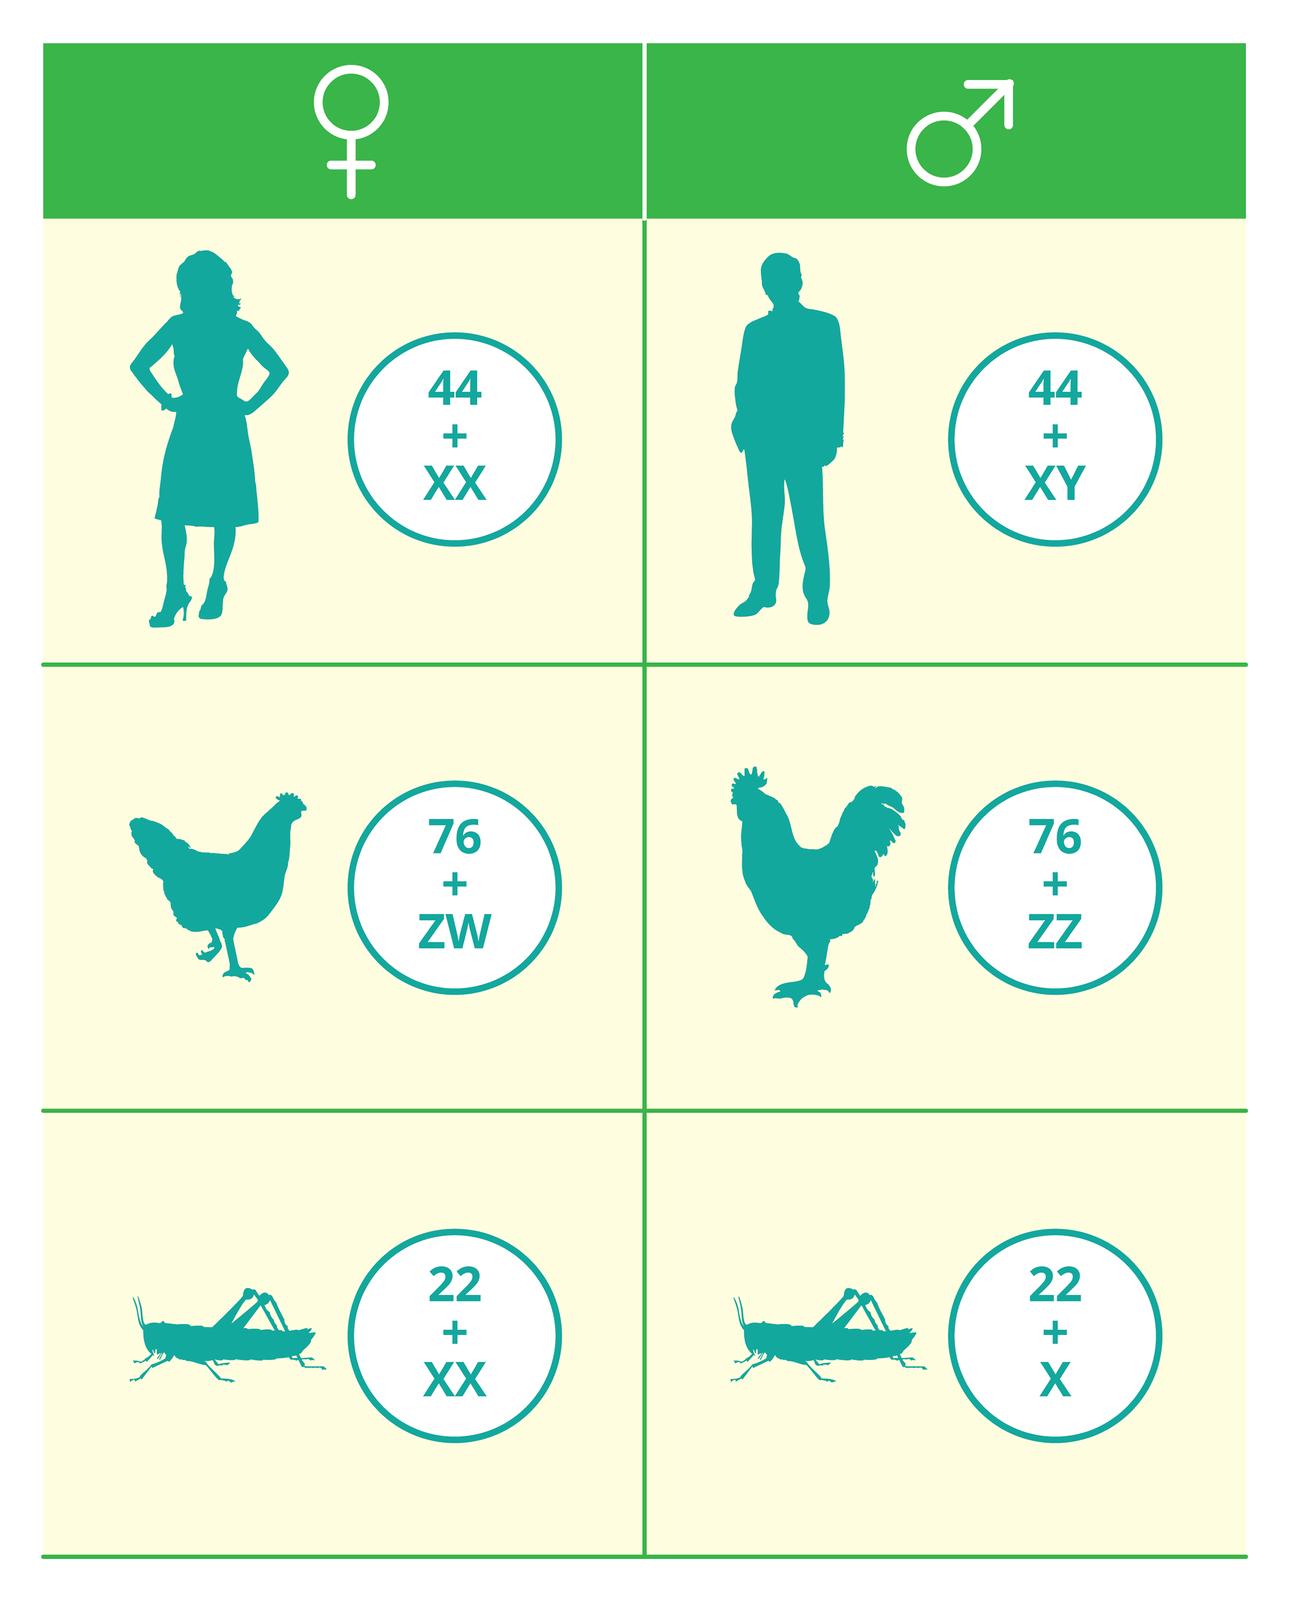 Ilustracja przestawia wformie tabeli sposób określania płci utrzechgatunków. Obok ich sylwetek wkółkach zapisano ilość chromosomów. Wtytule tabeli lewa kolumna znak płci żeńskiej, prawa znak płci męskiej. Pierwszy wiersz kobieta 44 + XX, mężczyzna 44 + XY. Drugi wiersz kura 76 + ZW, kogut 76 + ZZ. Udołu pasikonik samica 22 + XX, samiec 22 + X.